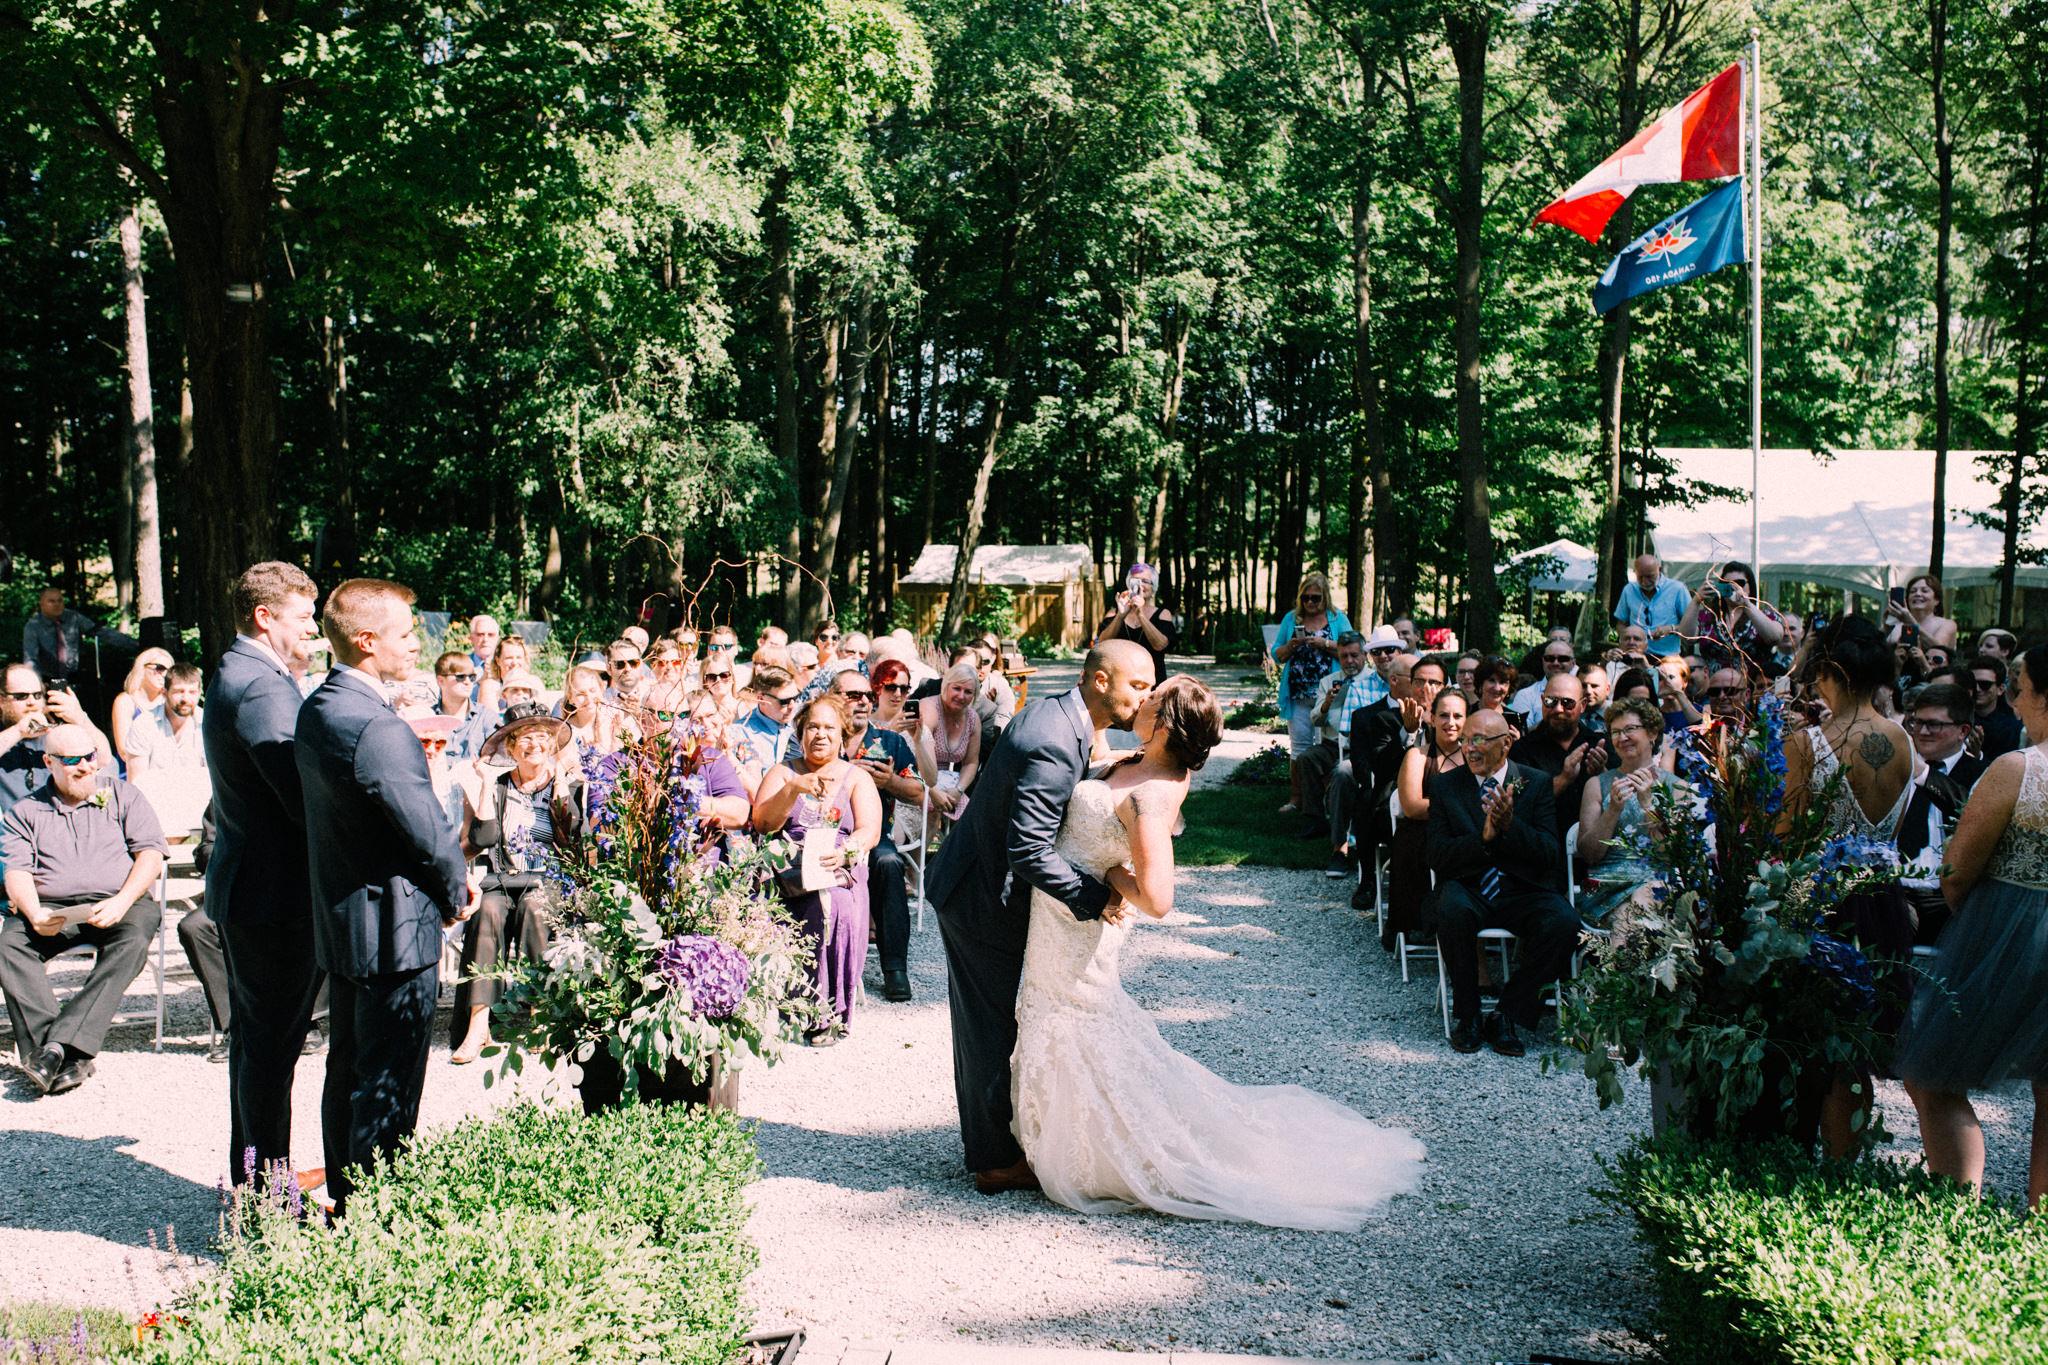 Orillia summer wedding at Northbrook Farms by Max Wong Photo (29)